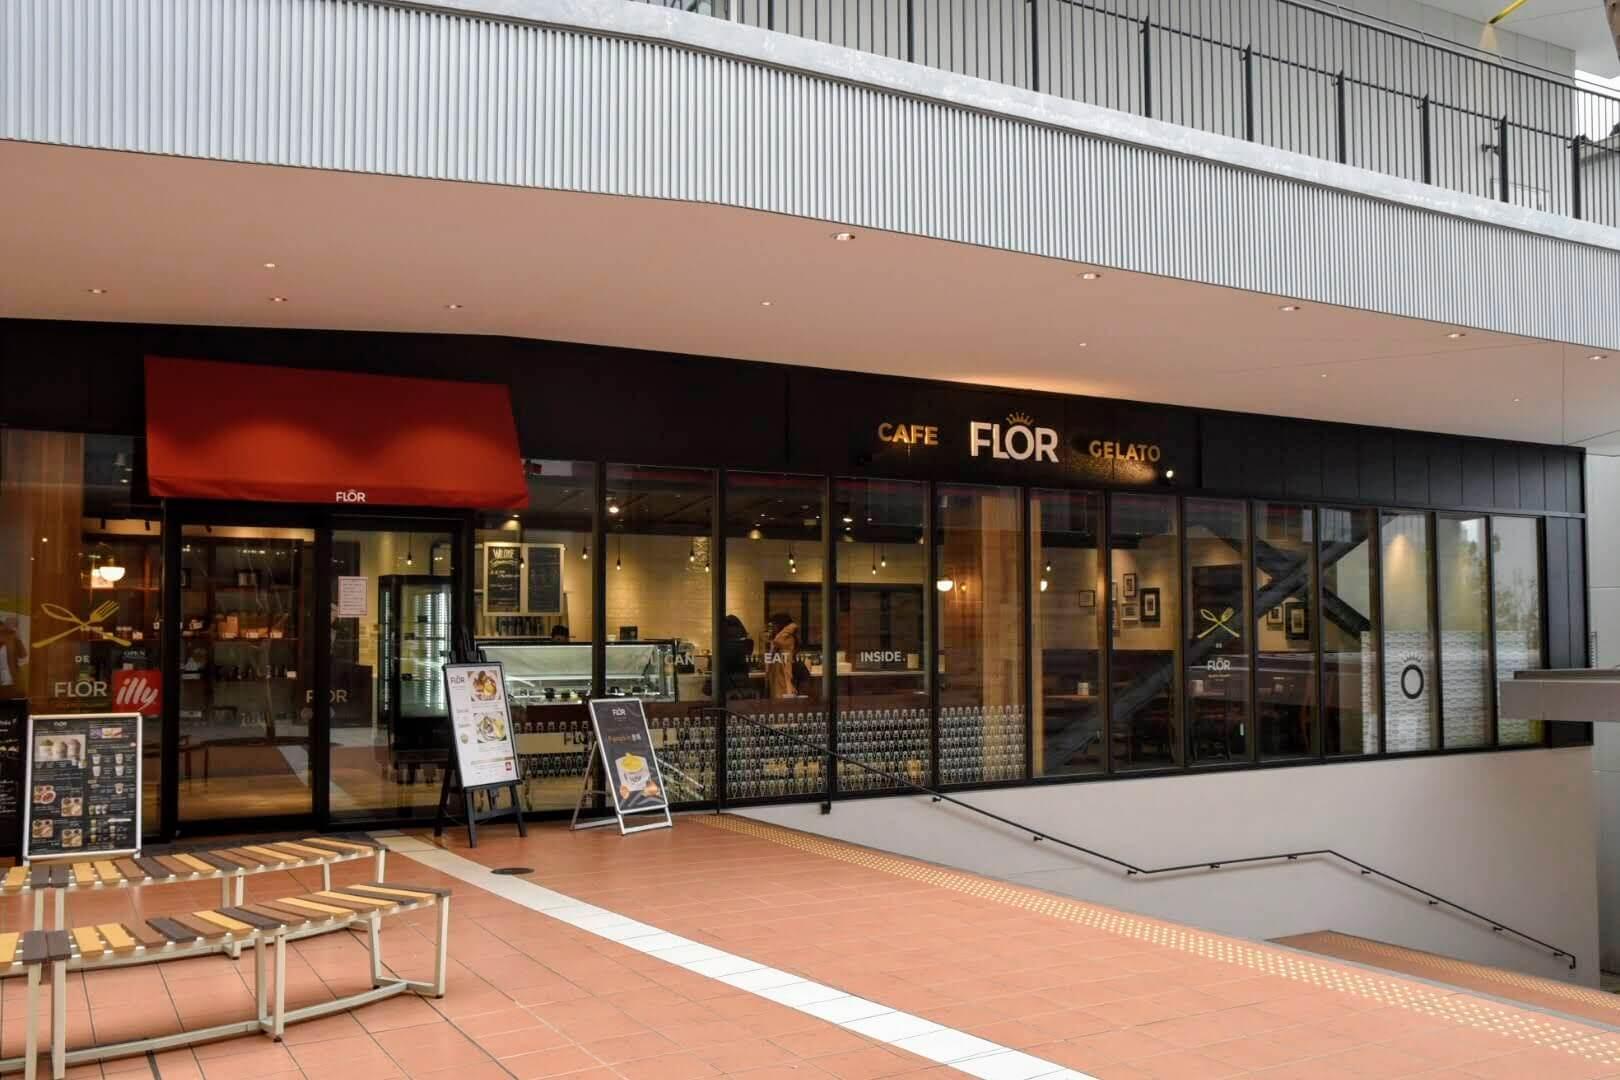 CAFE FLOR GELATOの店前